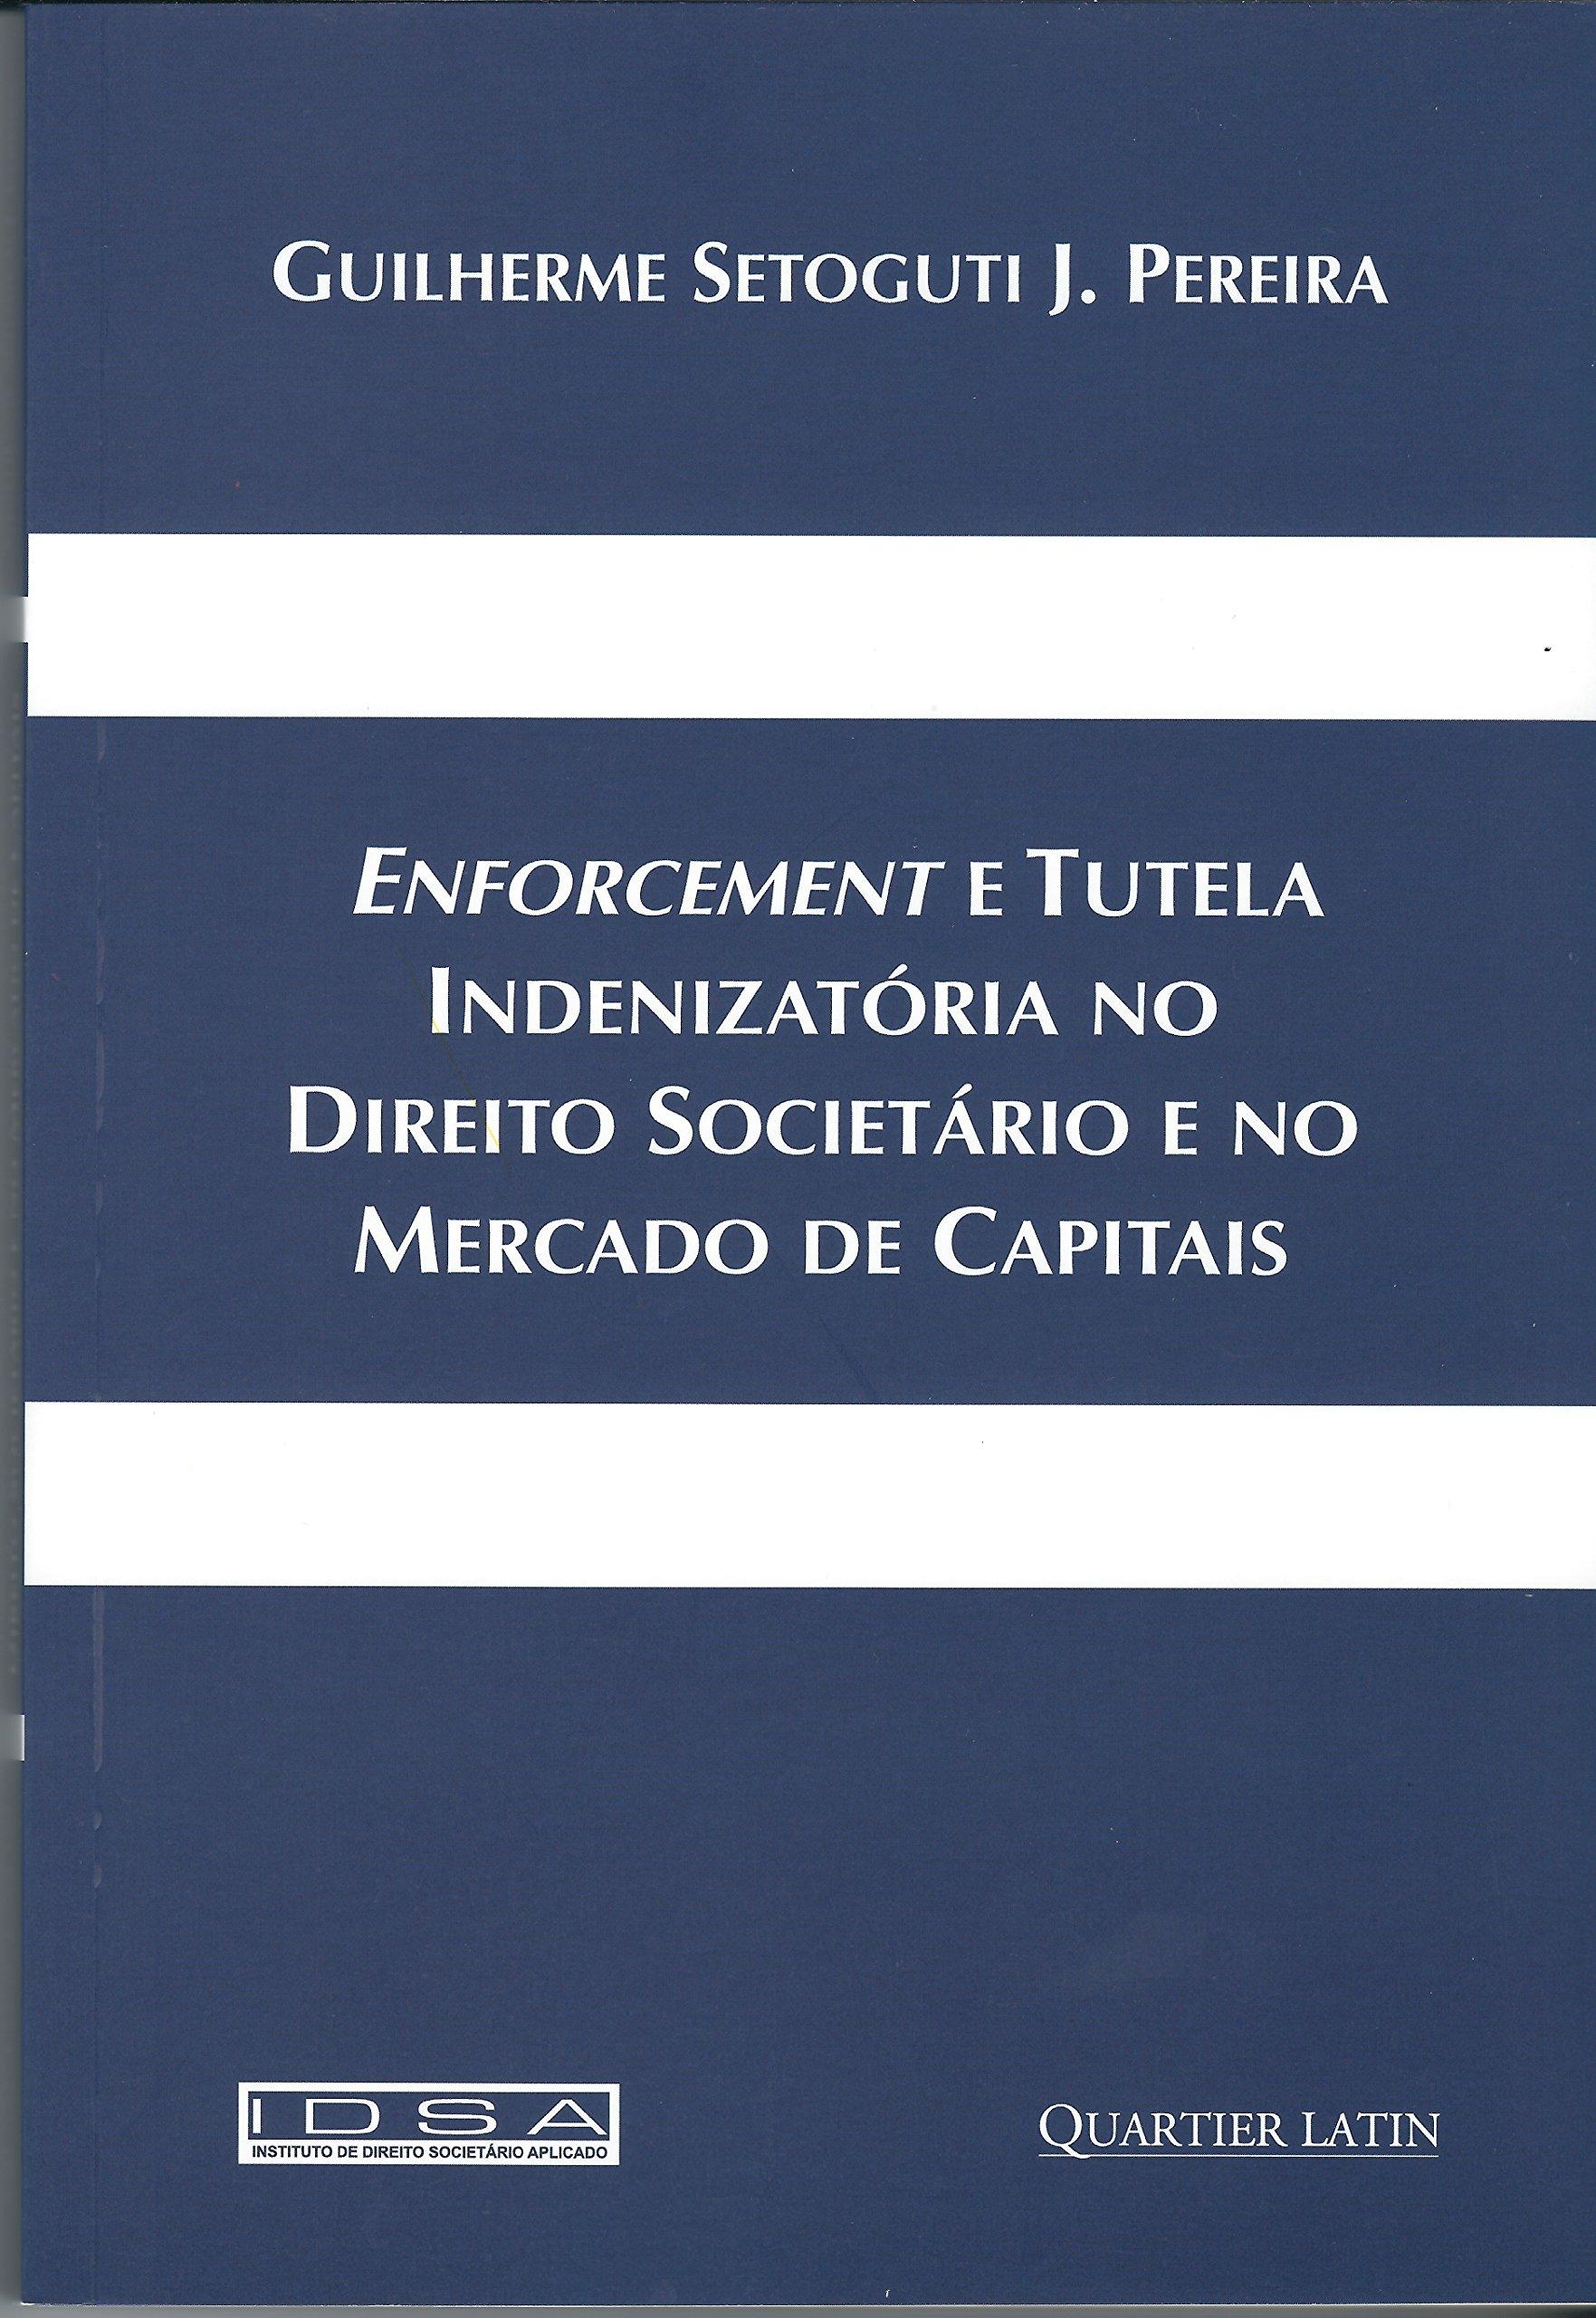 Enforcement e Tutela Indenizatória no Direito Societário e no Mercado de Capitais PDF Text fb2 book